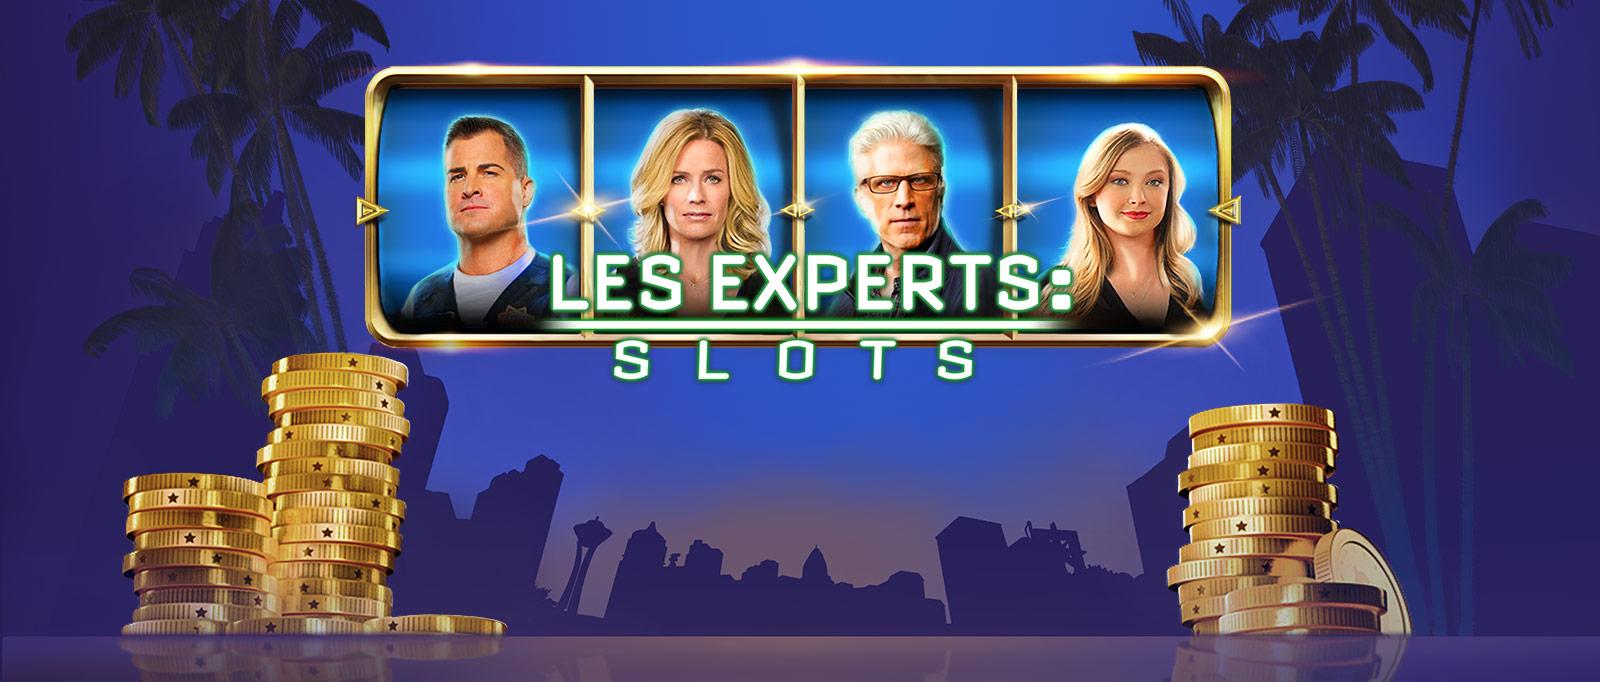 LES EXPERTS : Slots – JEU DE MACHINES À SOUS